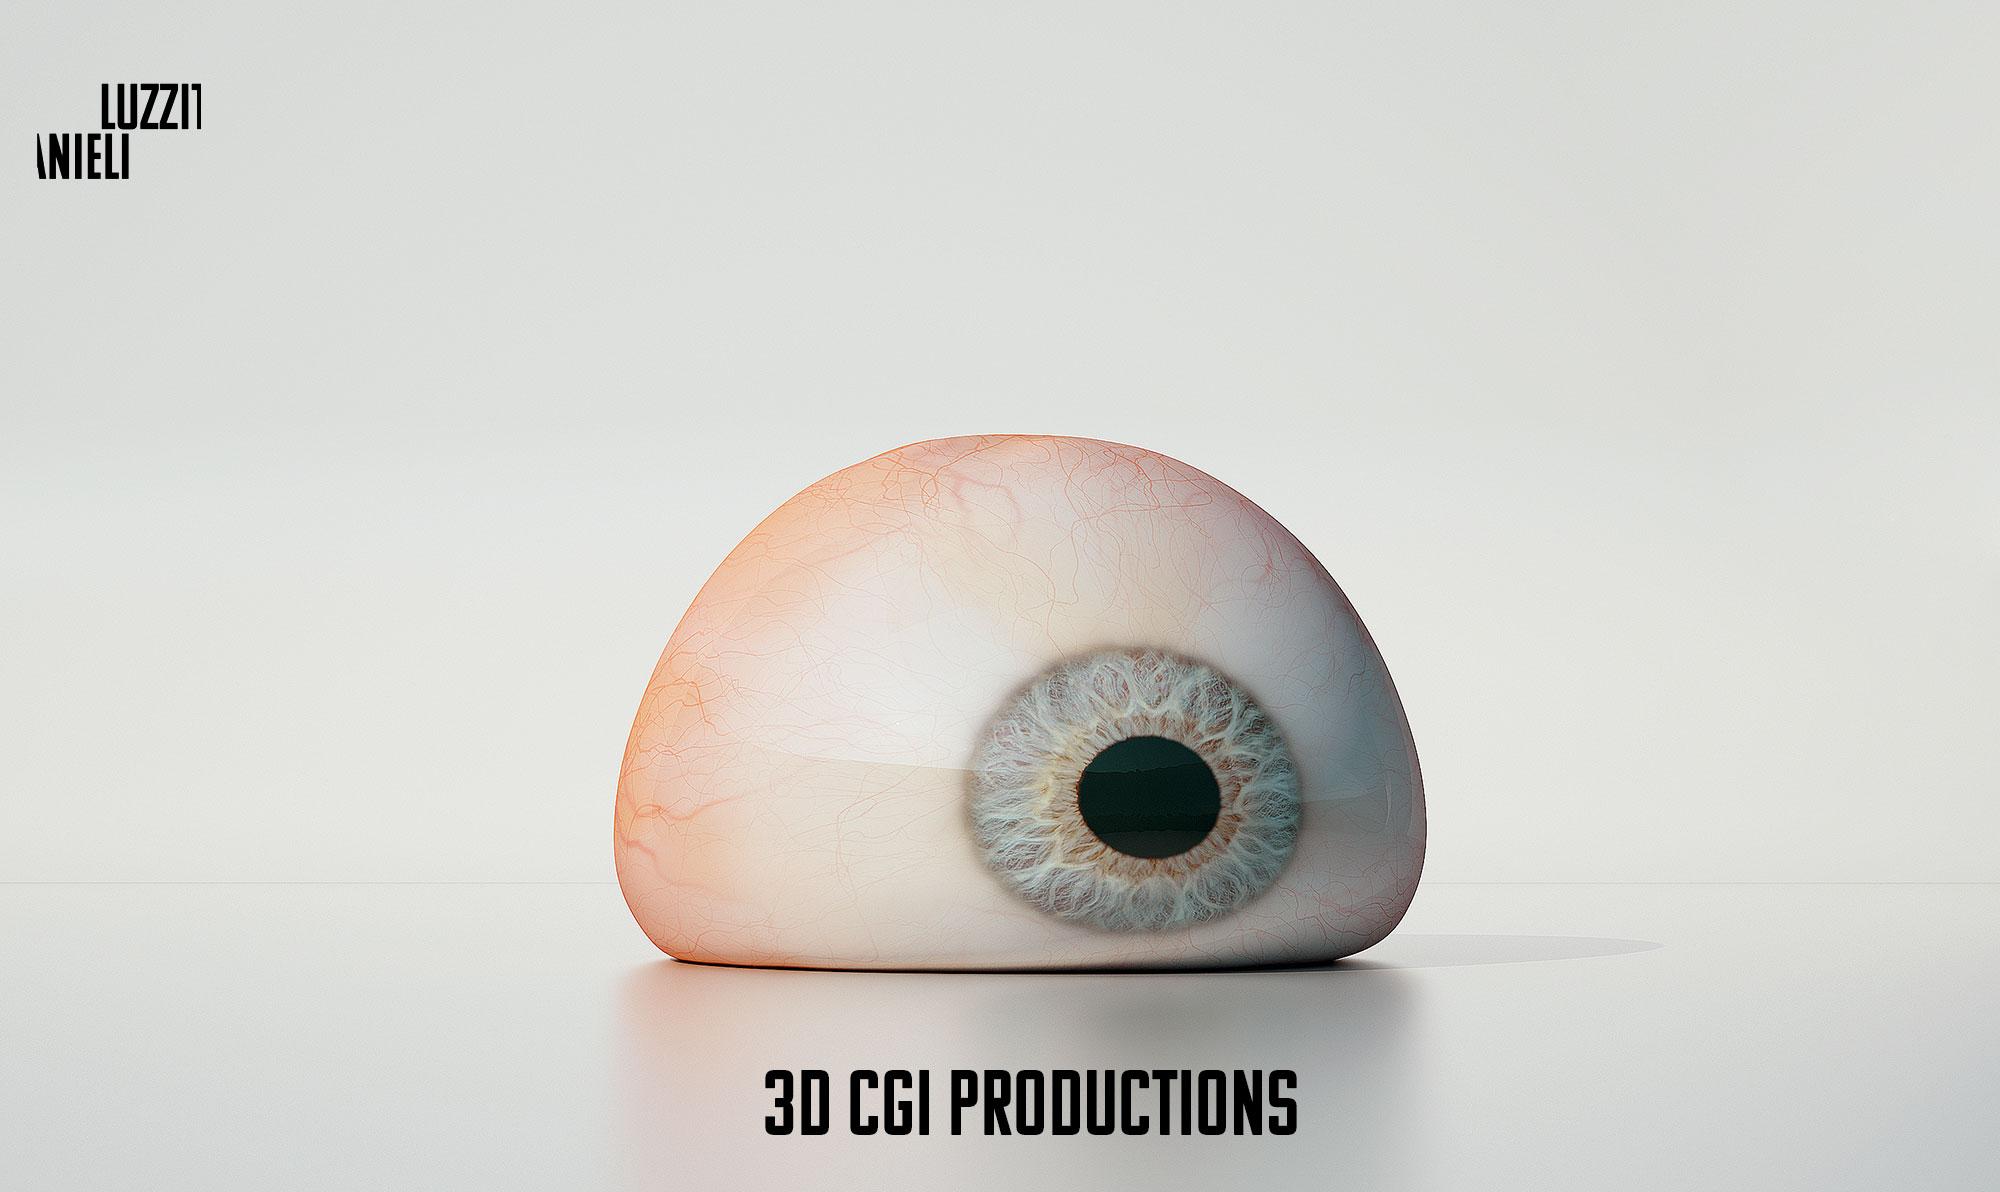 3d cgi Luzzitelli Danieli Productions